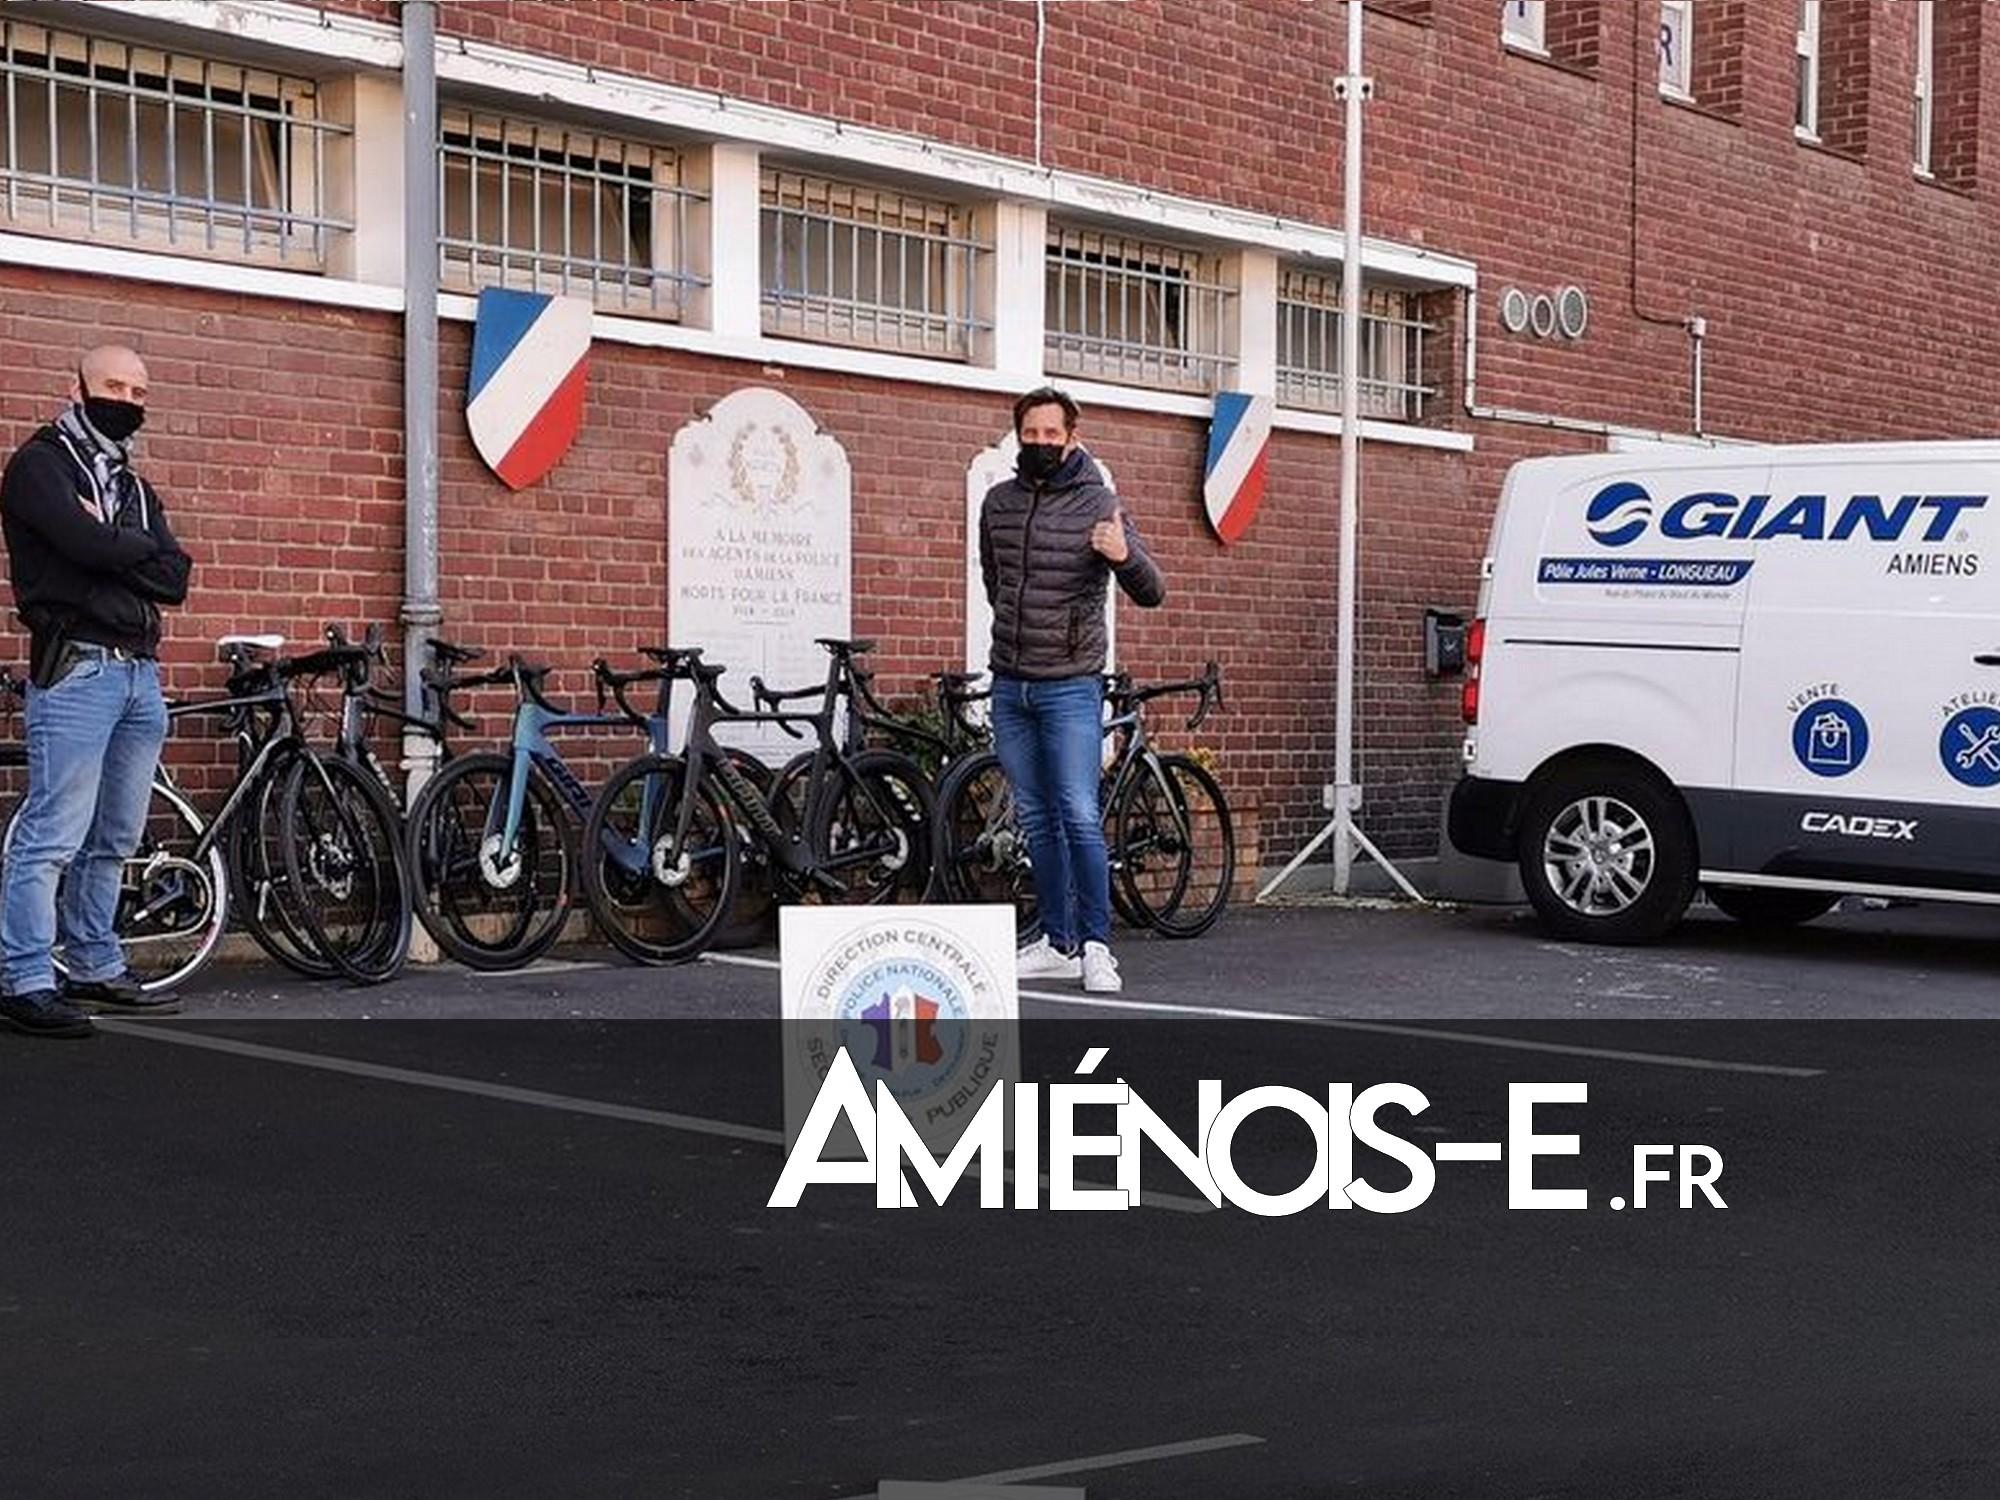 [BOVES] Un commerçant se fait voler «70 000€» de vélos, la Police ramène le butin le lendemain